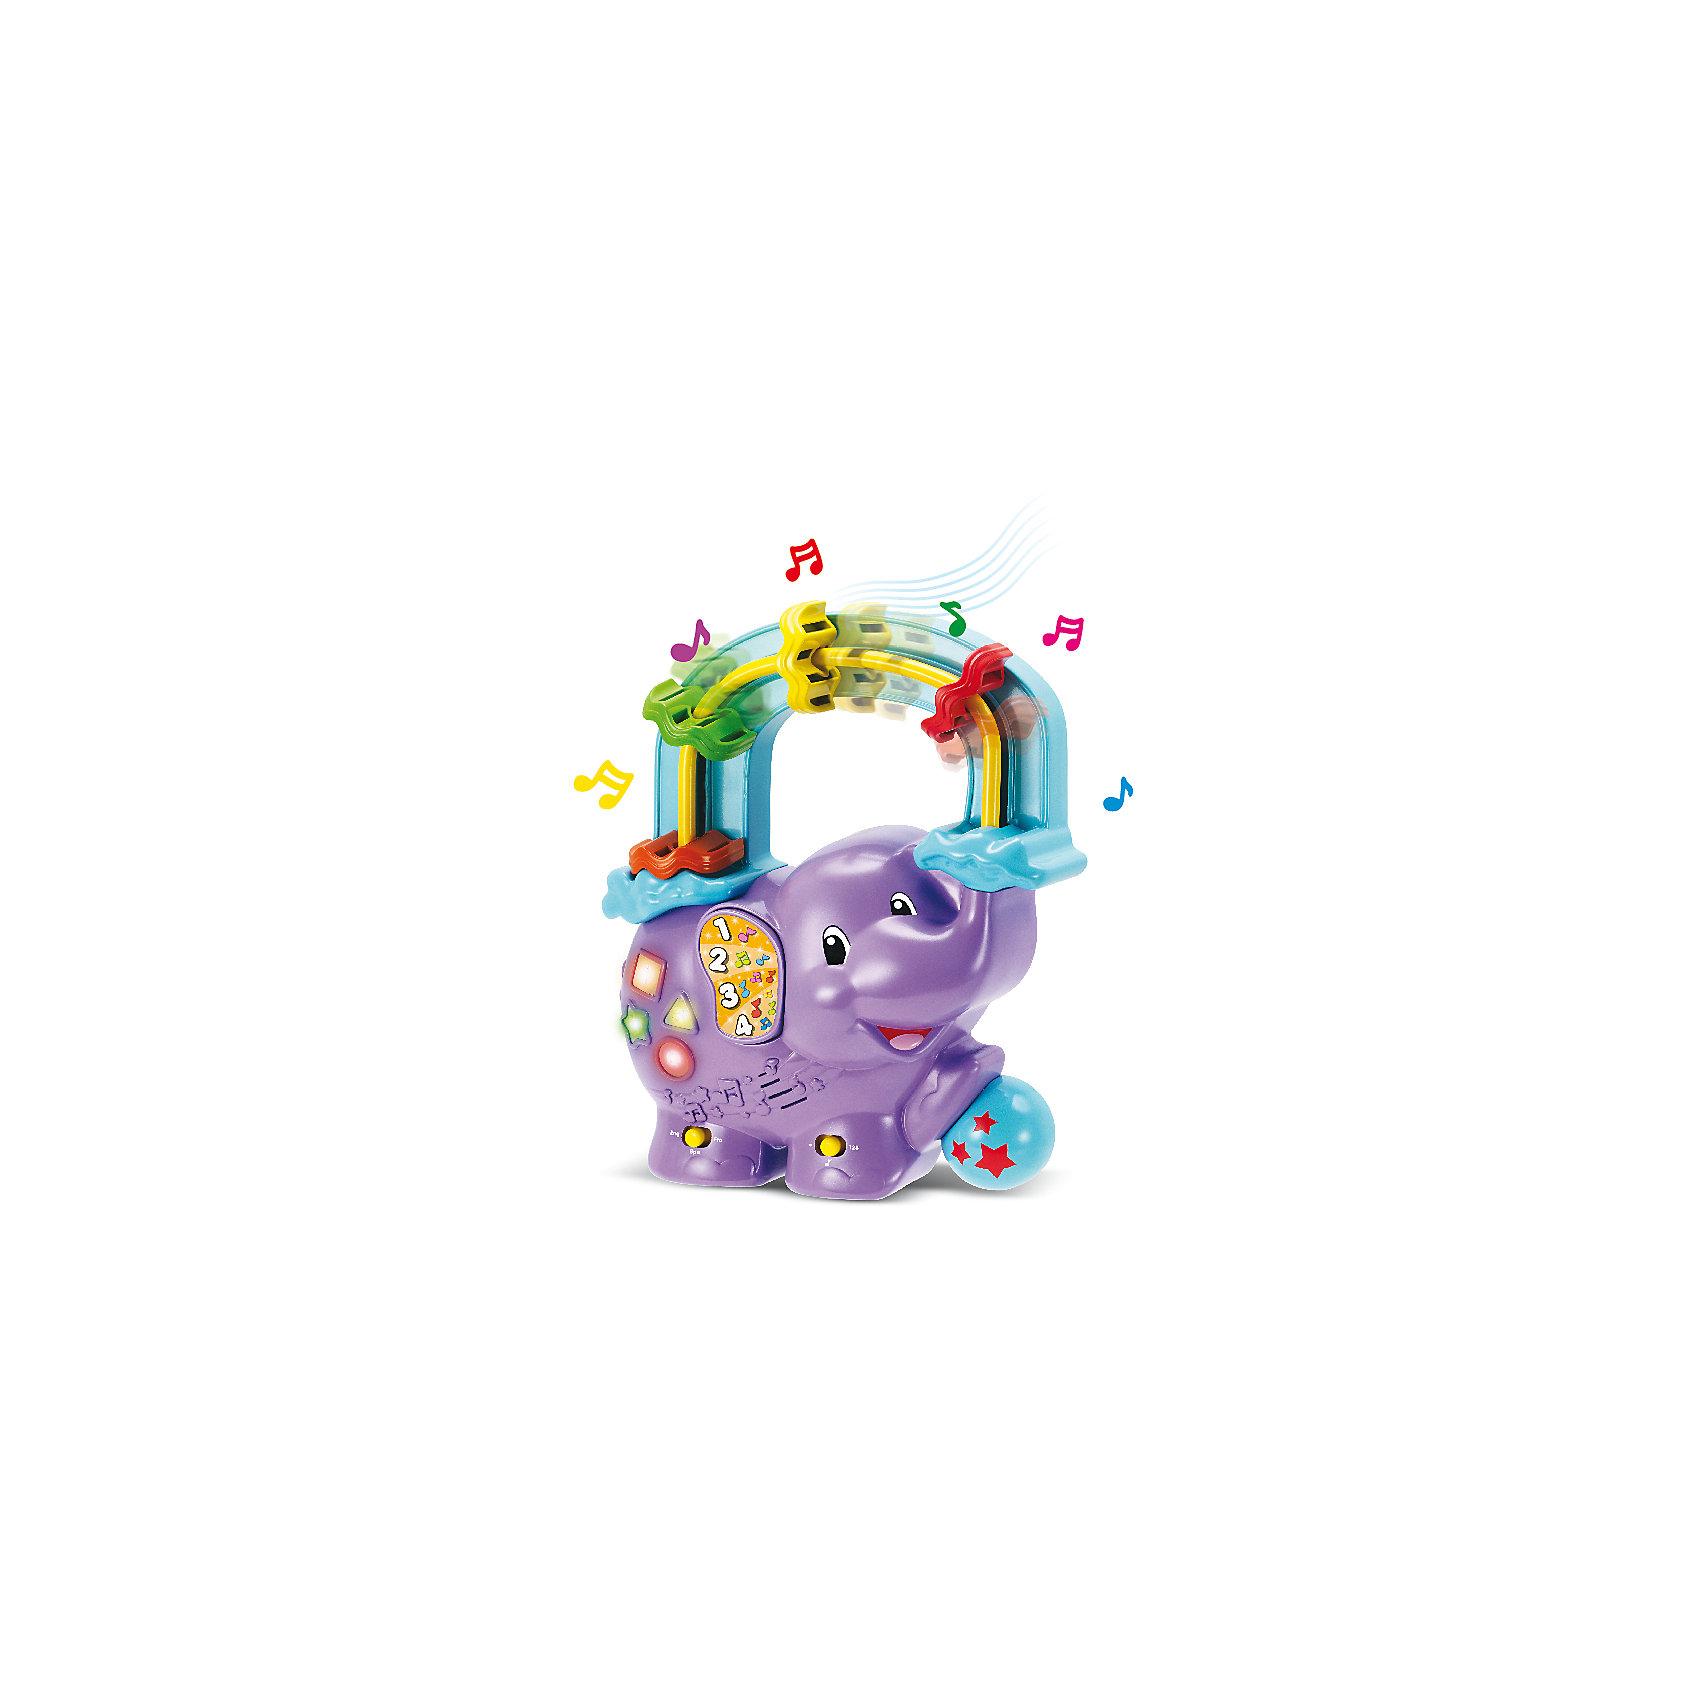 Музыкальная игрушка-считалка Веселый слоник, KeenwayДетские музыкальные инструменты<br>Музыкальная игрушка-считалка Веселый слоник от  Keenway - отличный подарок ребенку. Это красочная игрушка, которая обязательно понравится малышу. Она выполнена в виде веселого слоника. Игрушка воспроизводит музыку и считает на трех языках — английском, французском и испанском.<br>Игрушка по габаритам идеально подходит для маленьких ручек малыша. Весит совсем немного. Такие игрушки помогают развить мелкую моторику, логическое мышление и воображение ребенка. Эта игрушка выполнена из высококачественного прочного пластика, безопасного для детей.<br>  <br>Дополнительная информация:<br><br>цвет: разноцветный;<br>материал: пластик;<br>размер: 22 x 8 x 27 см;<br>батарейки: 2ХхАА, в комплекте;<br>вес:  500 г.<br><br>Музыкальную игрушку-считалку Веселый слоник от компании Keenway можно купить в нашем магазине.<br><br>Ширина мм: 240<br>Глубина мм: 150<br>Высота мм: 200<br>Вес г: 506<br>Возраст от месяцев: 36<br>Возраст до месяцев: 120<br>Пол: Унисекс<br>Возраст: Детский<br>SKU: 4810978